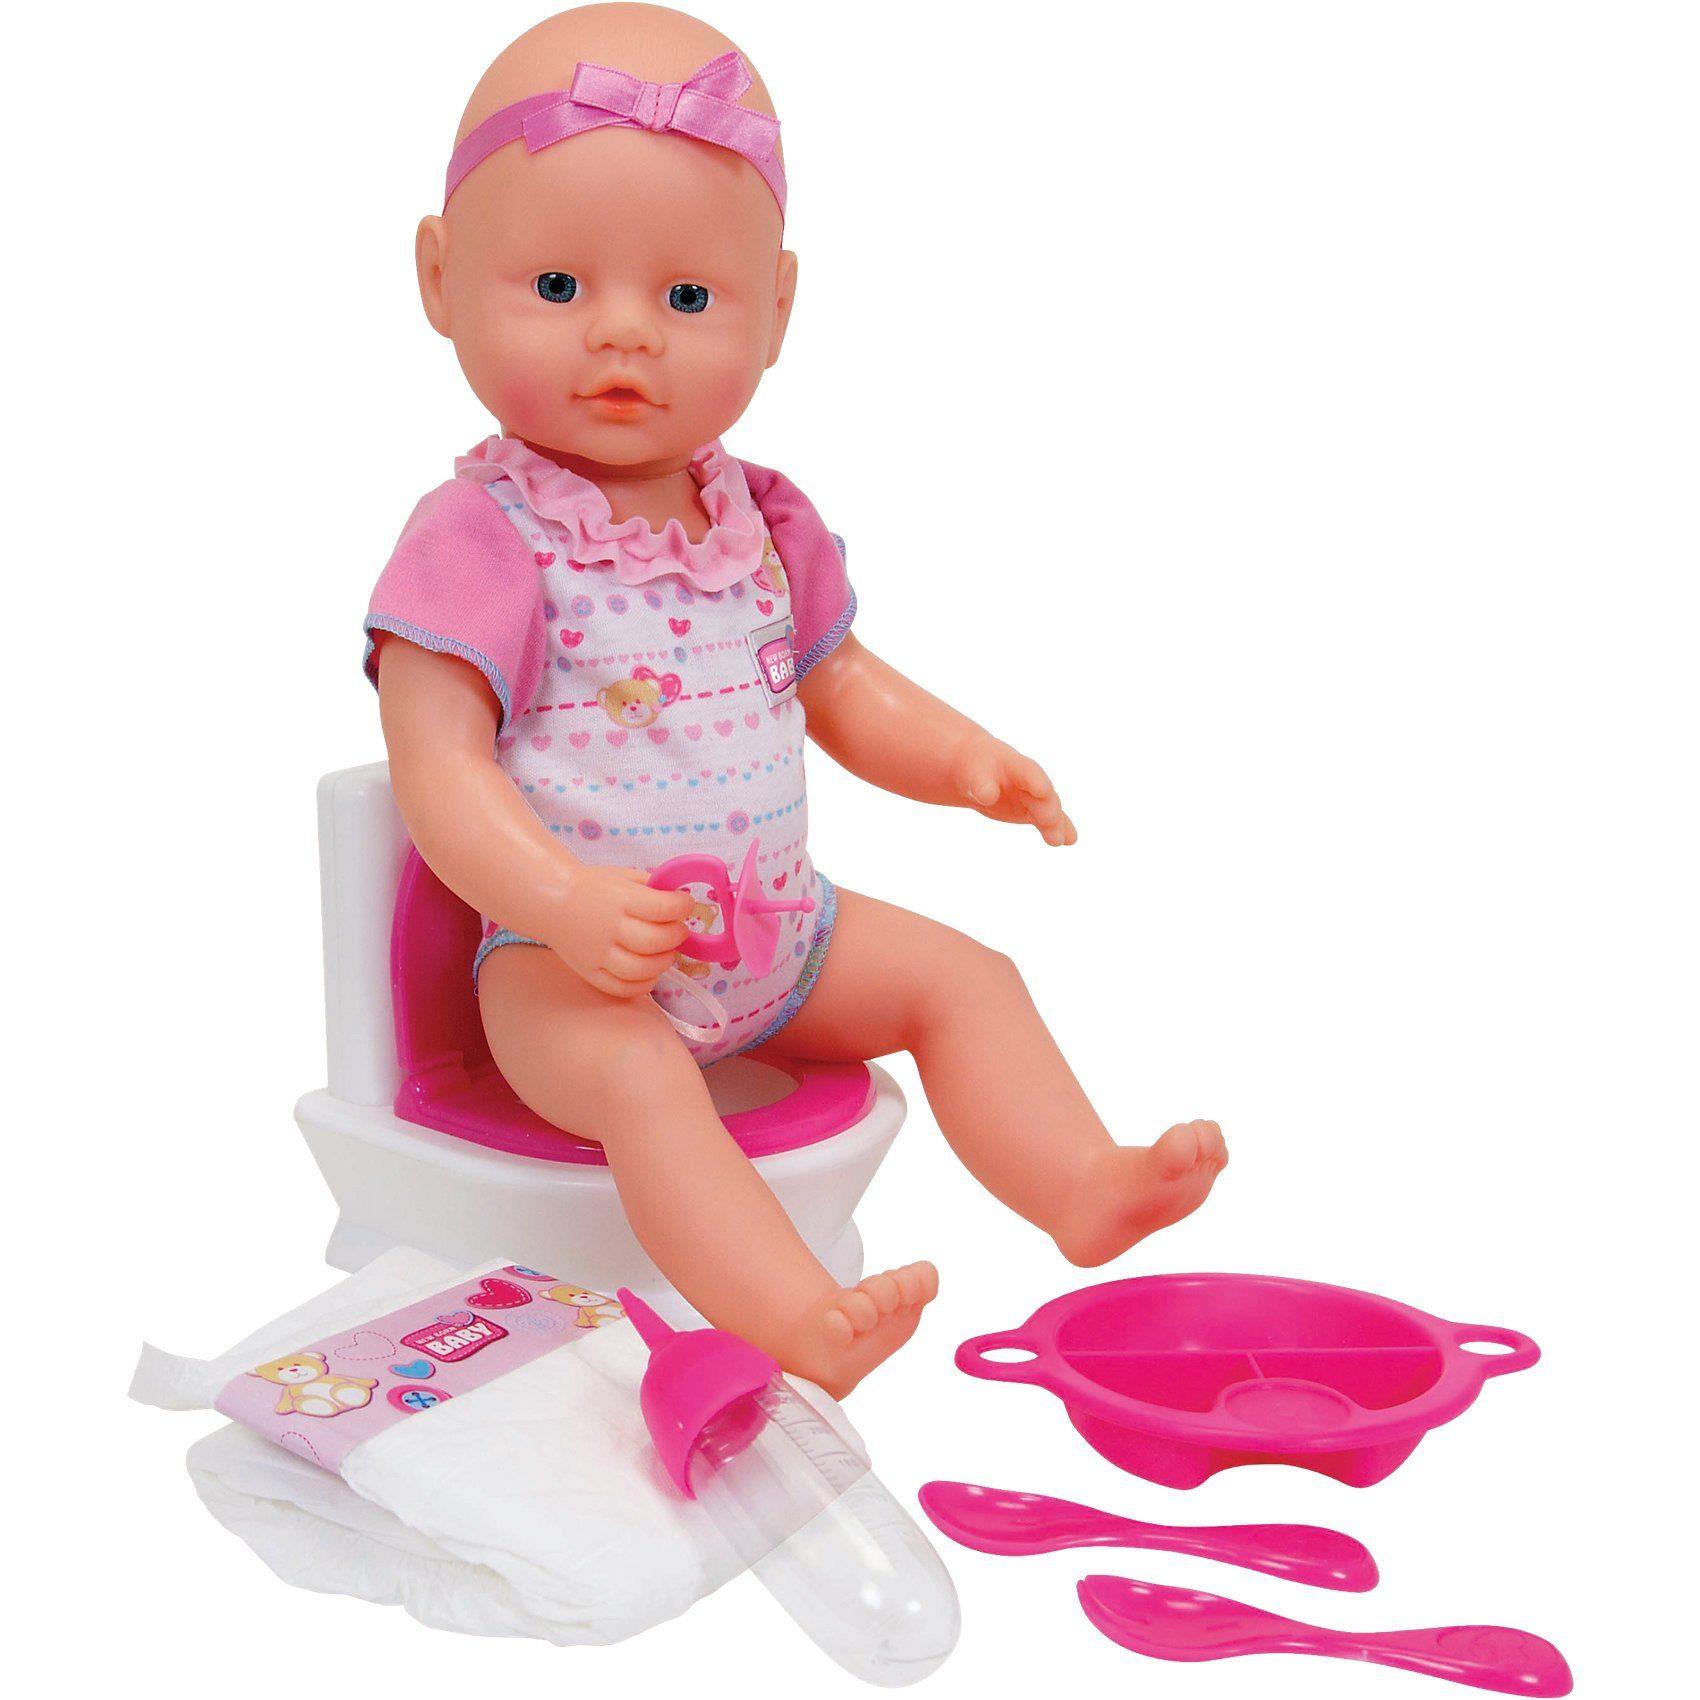 SIMBA New Born Babypuppe Flushing Potty, 38 cm